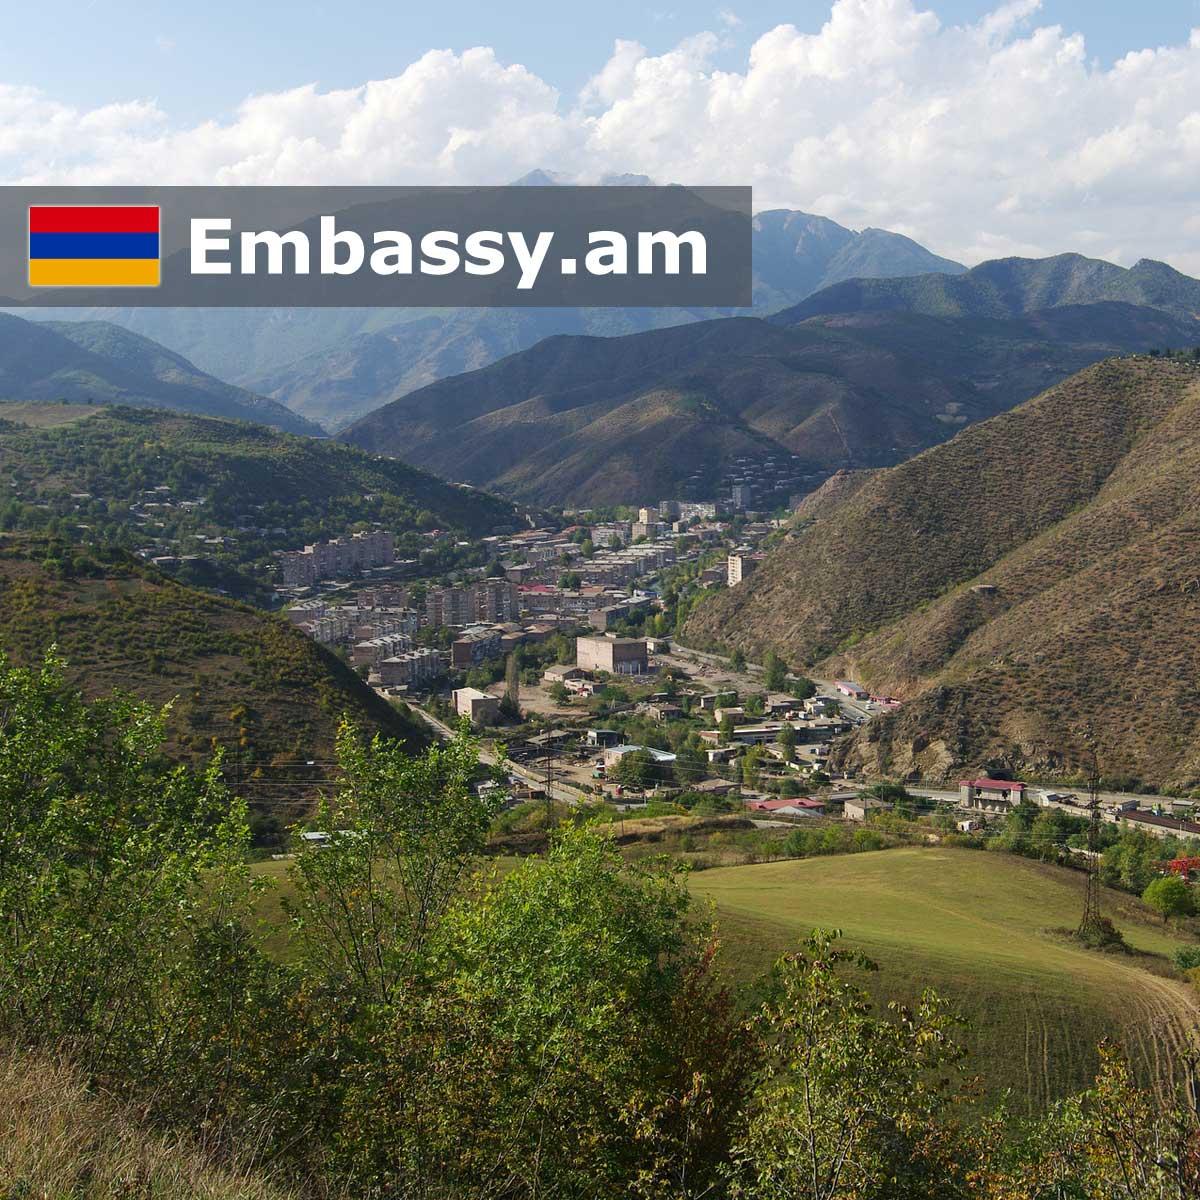 Капан - Отели в Армении - Embassy.am